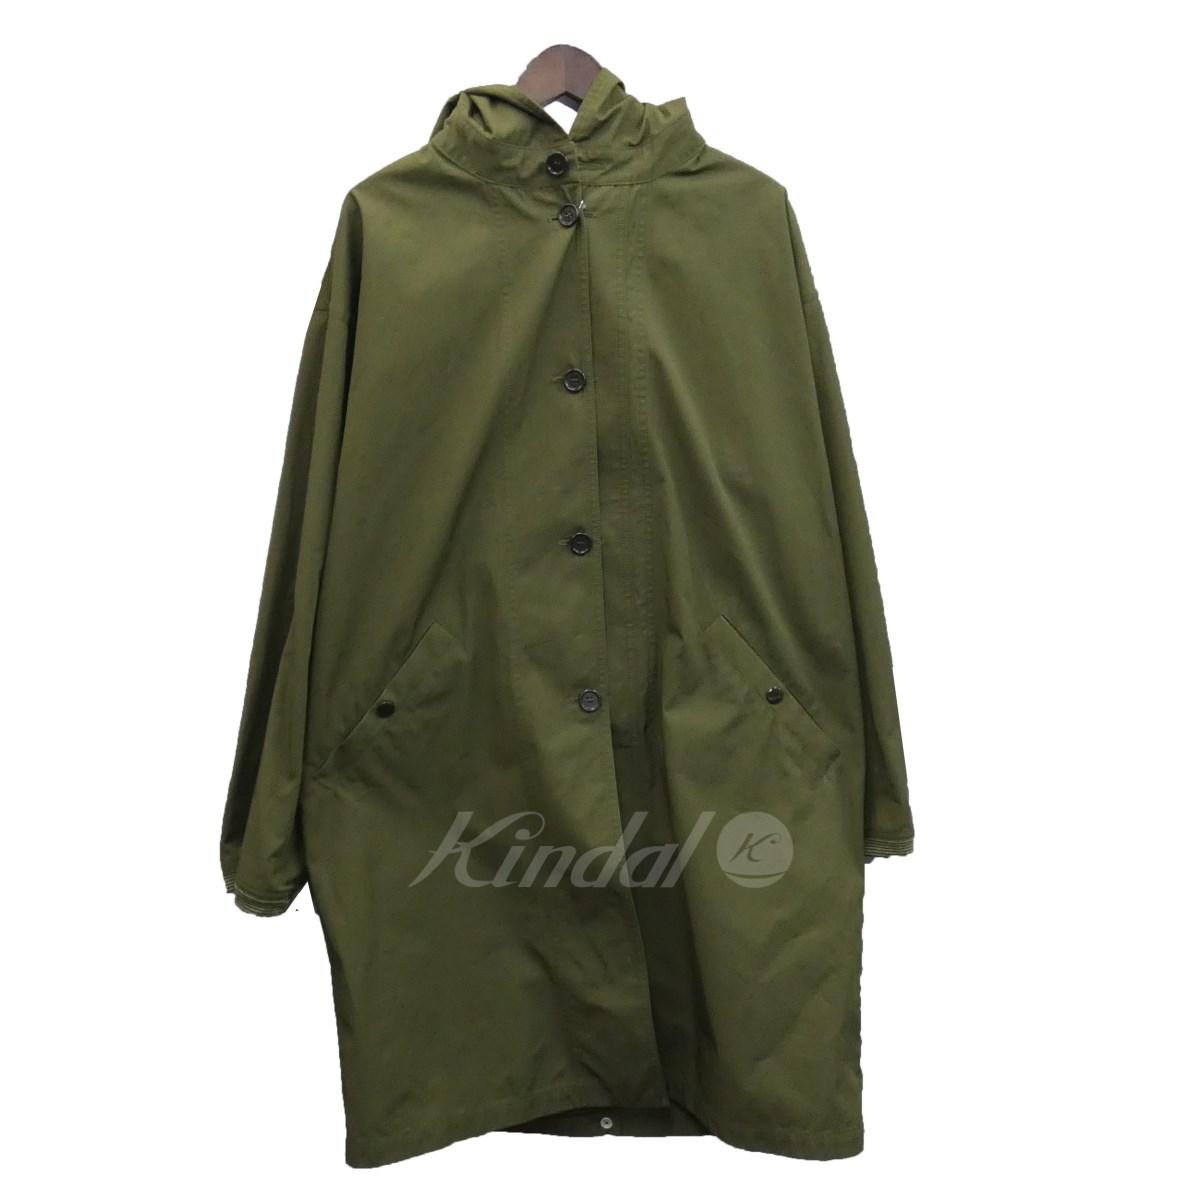 【中古】MARNI 18SS フード付き中綿コート オリーブ サイズ:44 【送料無料】 【120319】(マルニ)